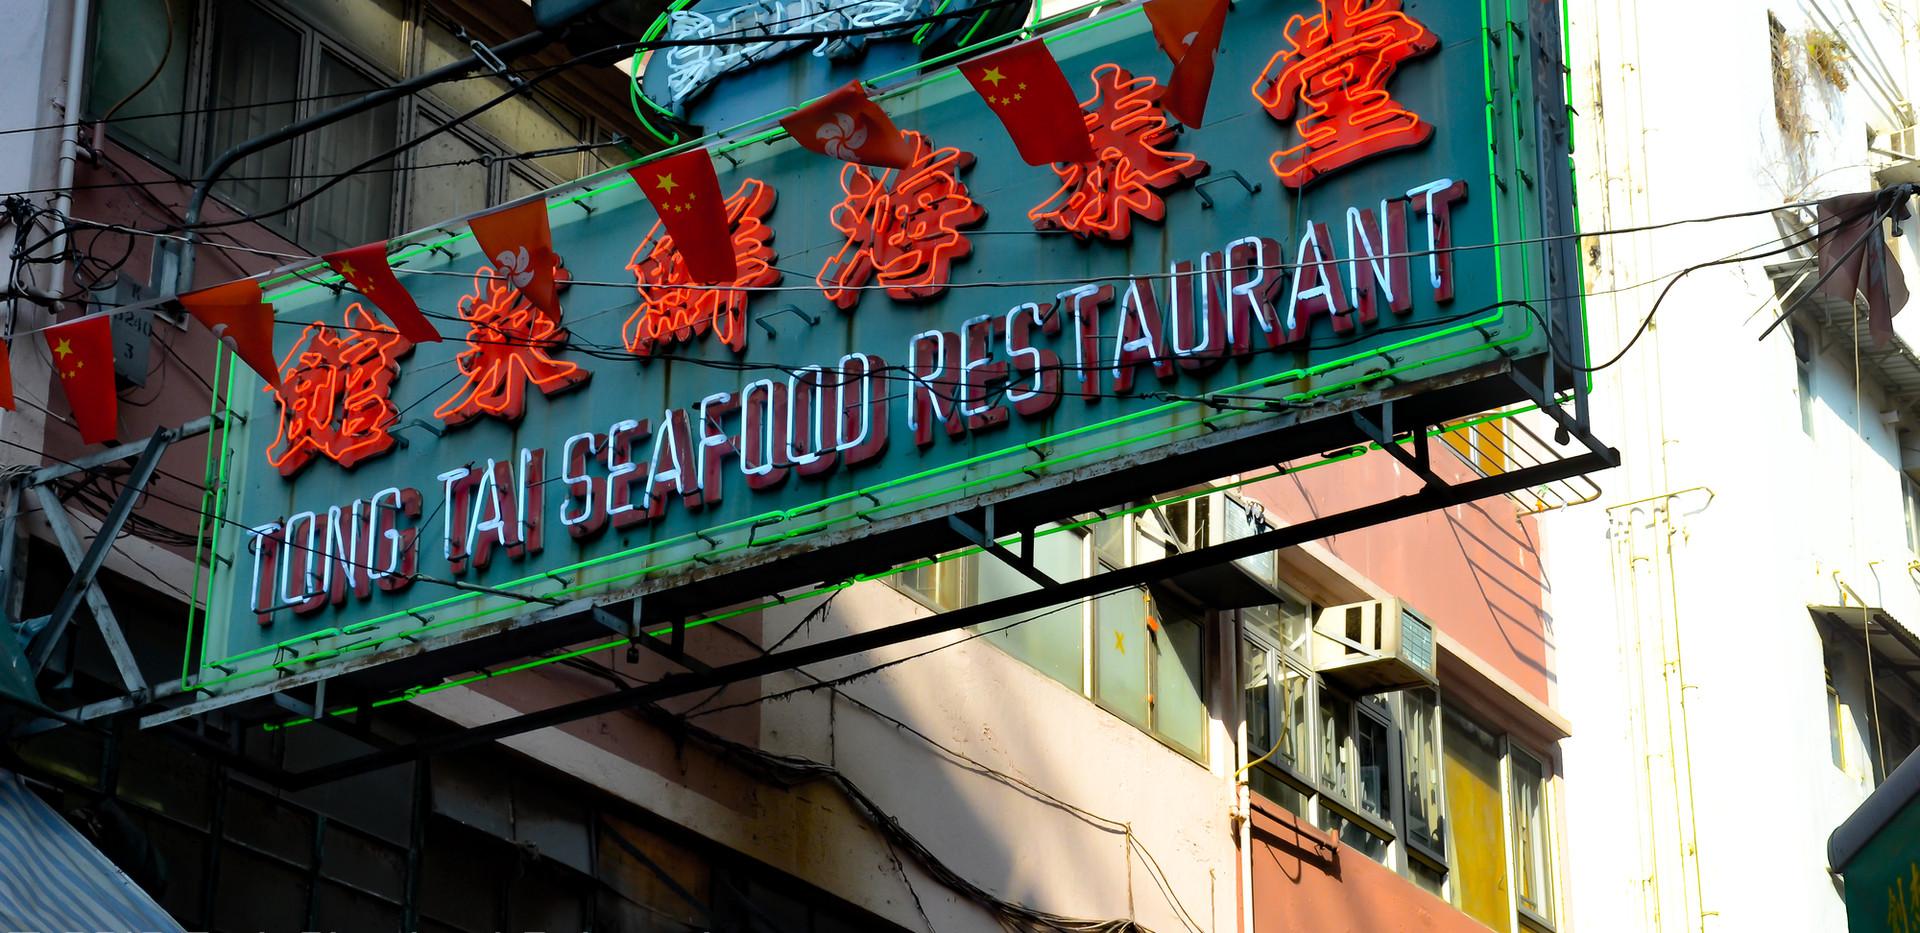 Tong Tai Seafood Restaurant Sign